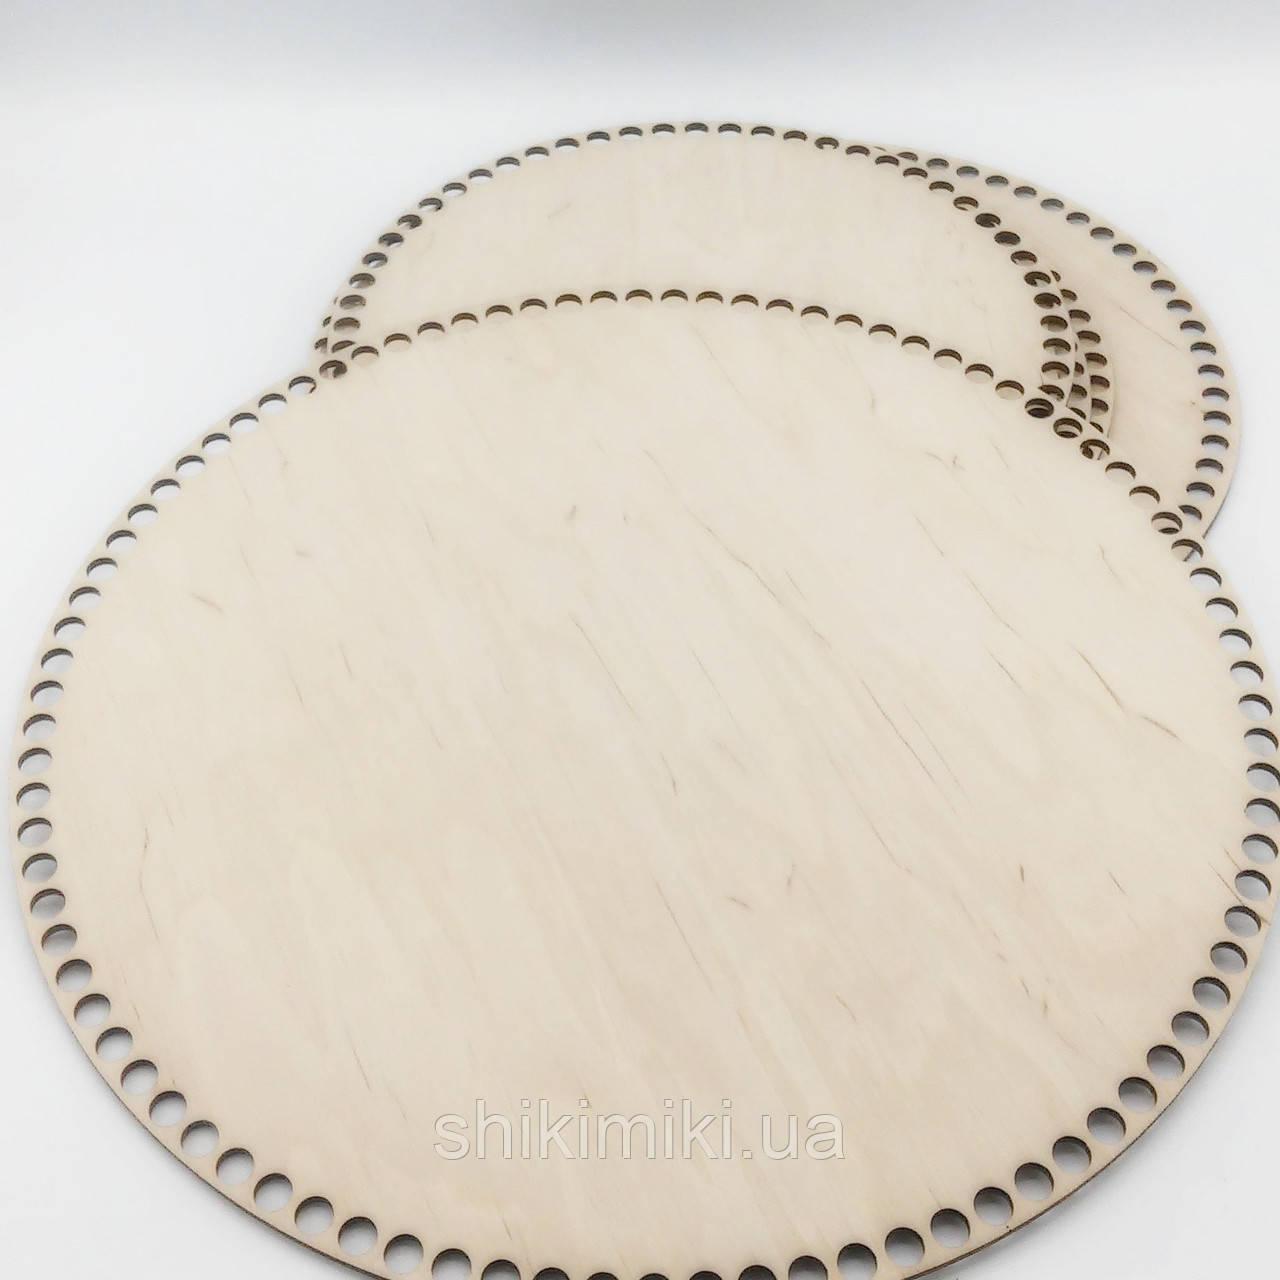 Заготовка из фанеры круглая (34 см)